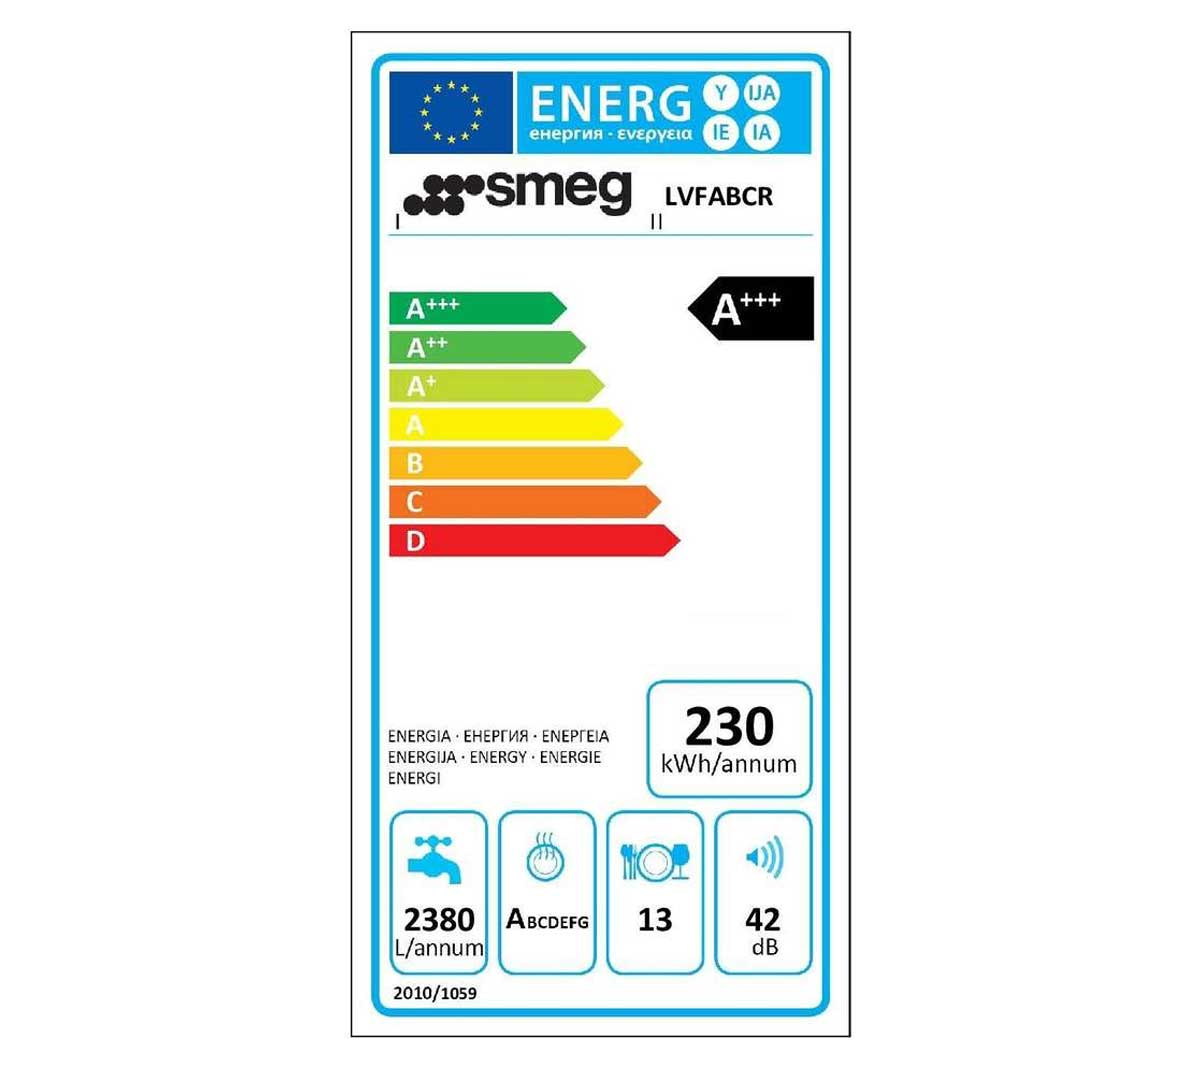 Smeg LVFABCR etichetta energetica